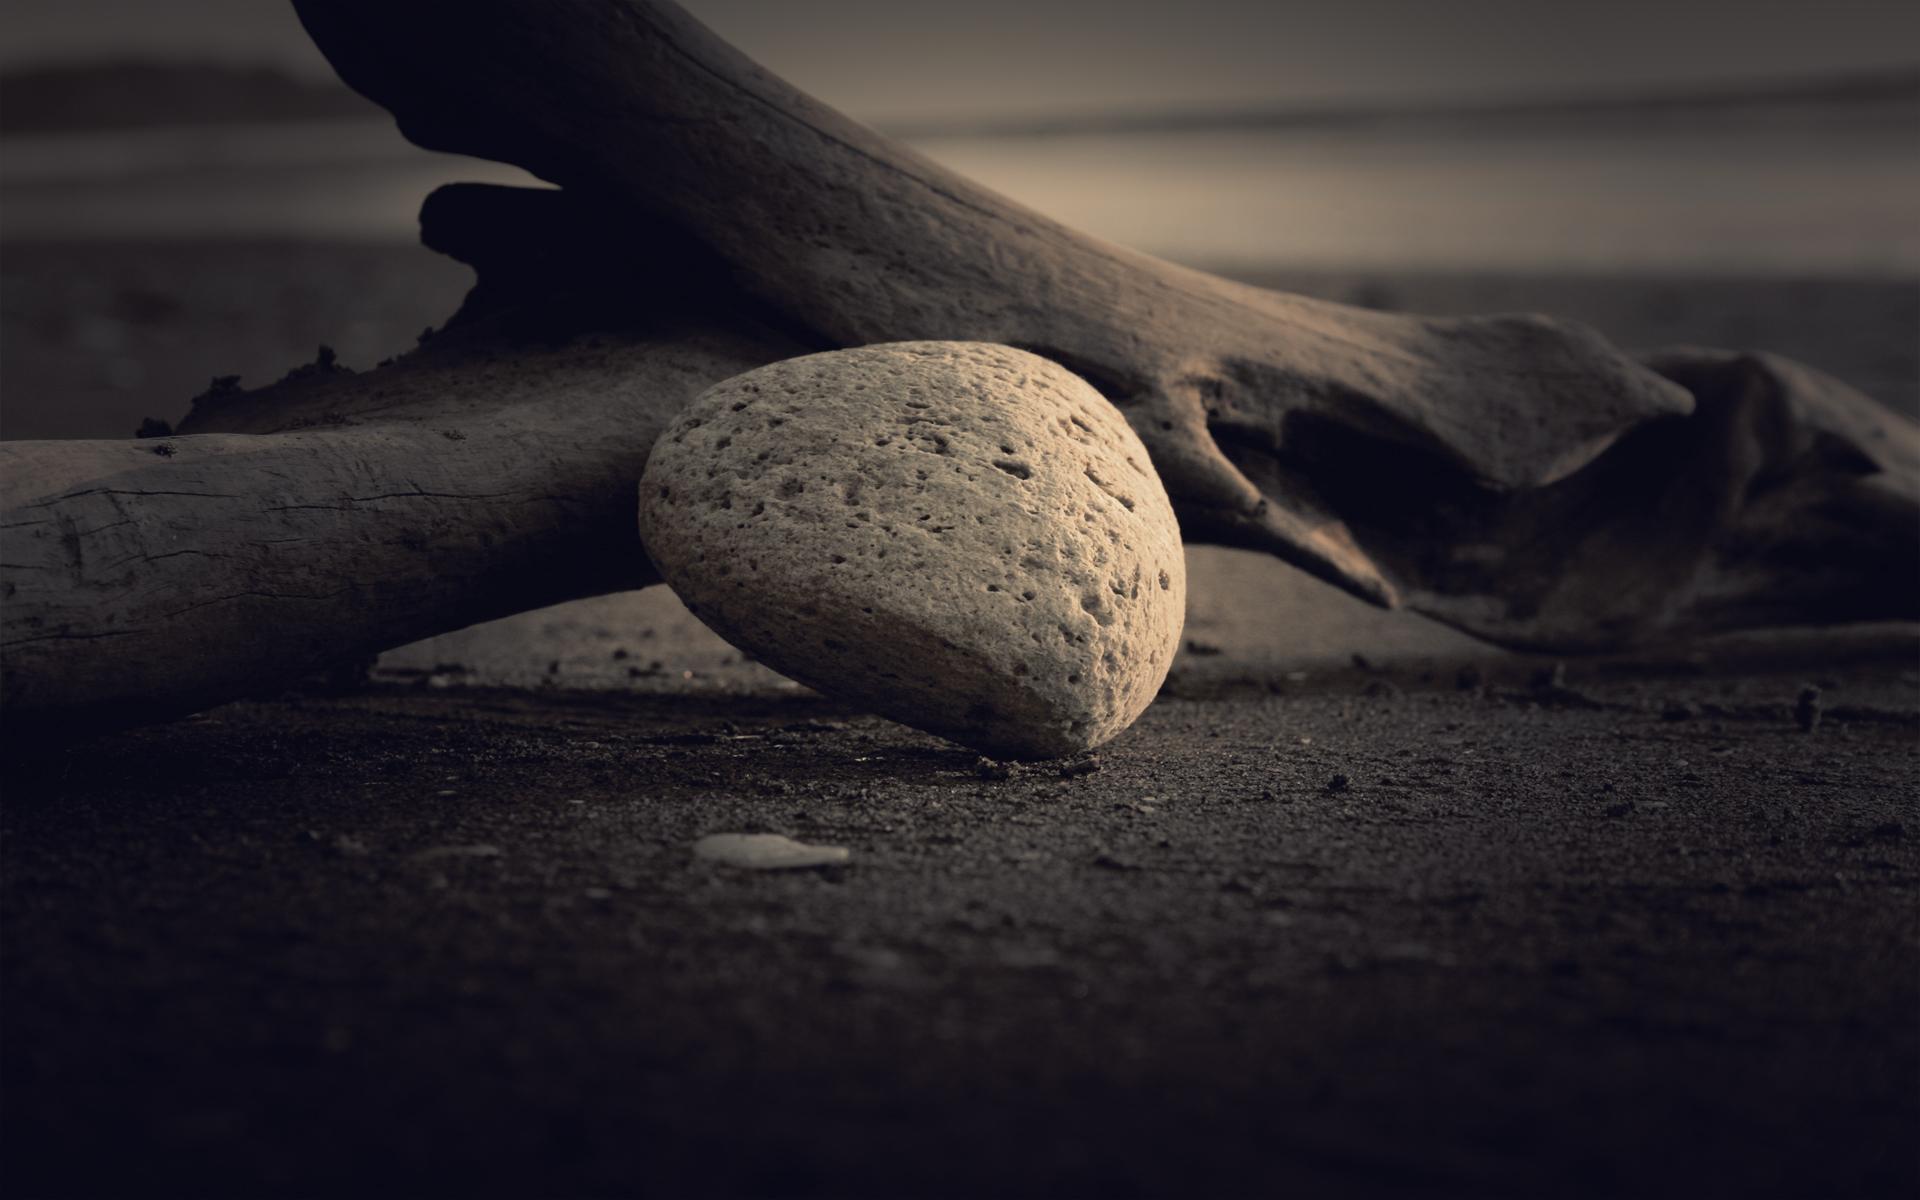 Rock Beach, beach, branch, wood, later